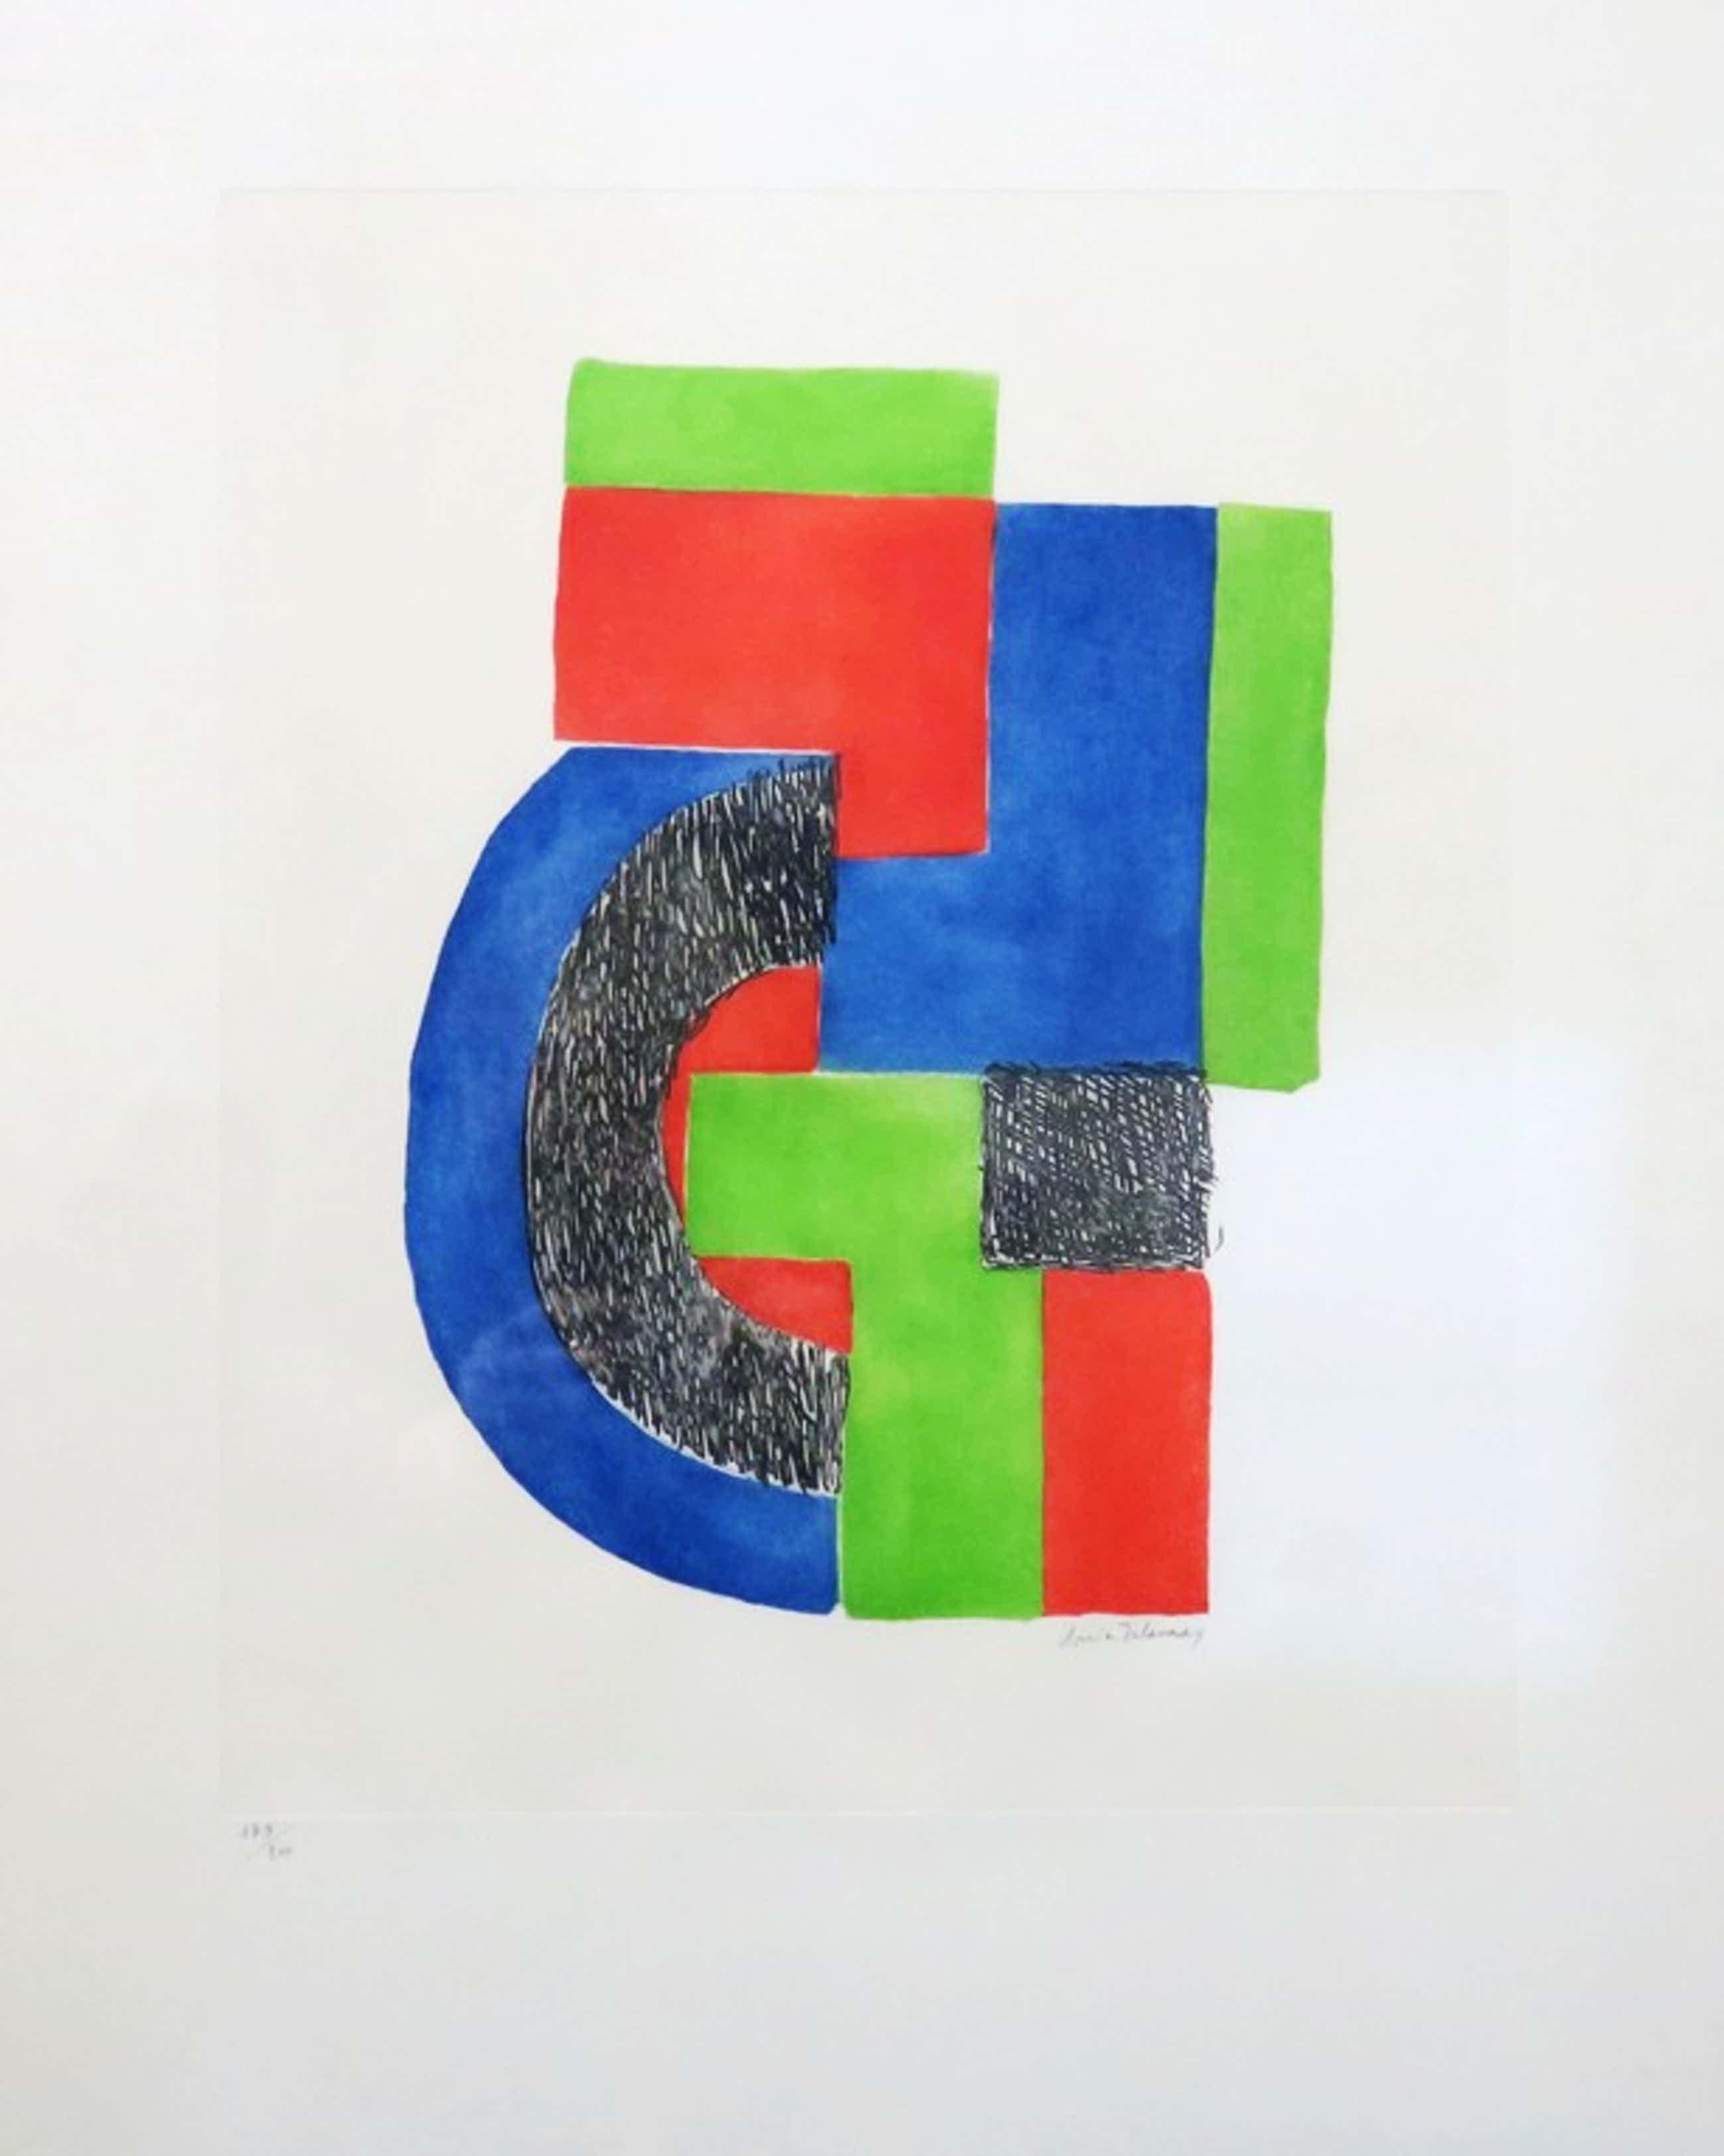 Sonia Delaunay: Ets, Zonder titel (compositie met zwart, blauw en rood) kopen? Bied vanaf 251!